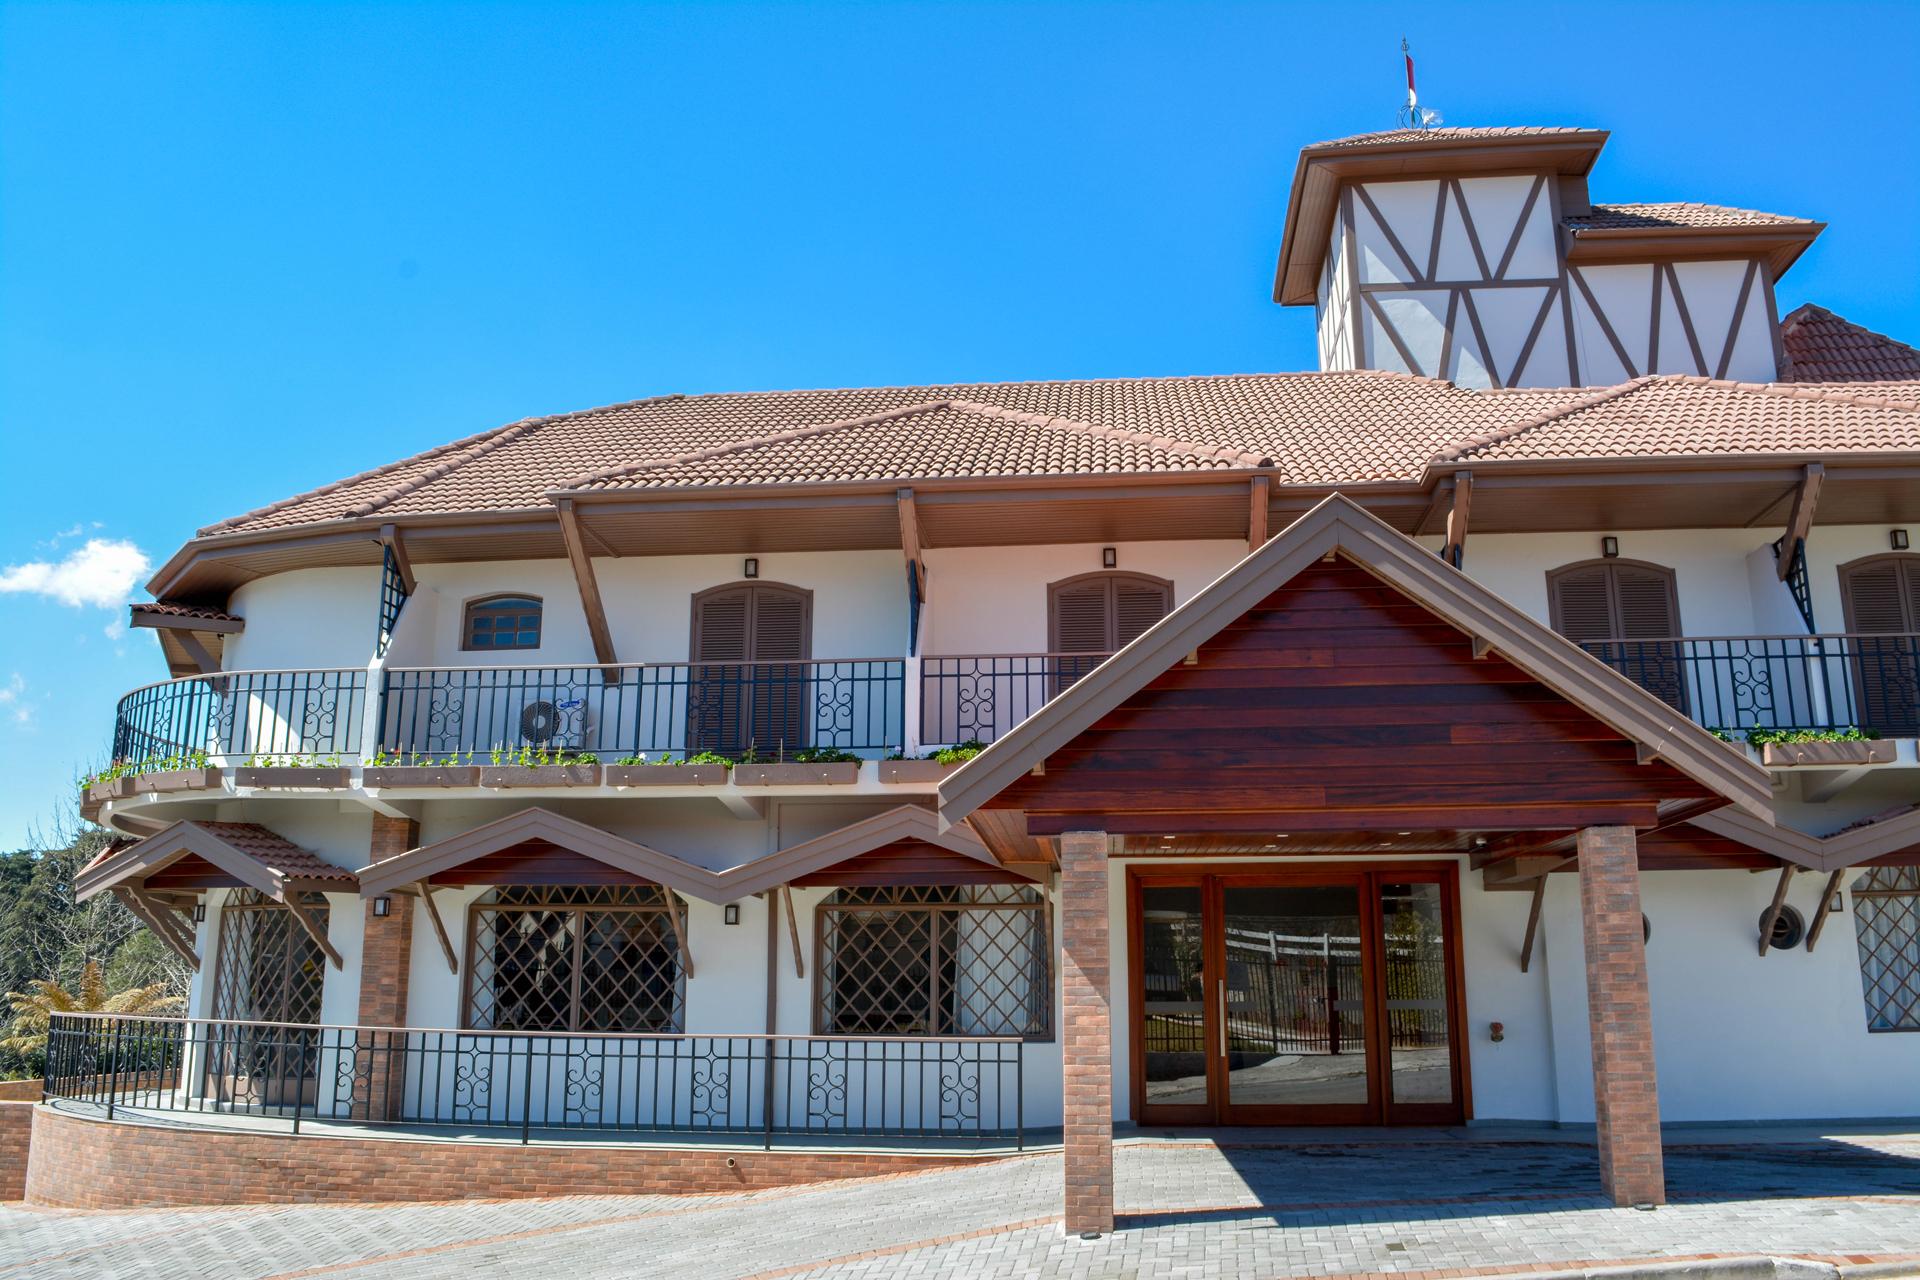 hotel-moinho-italia-campos-do-jordao-02